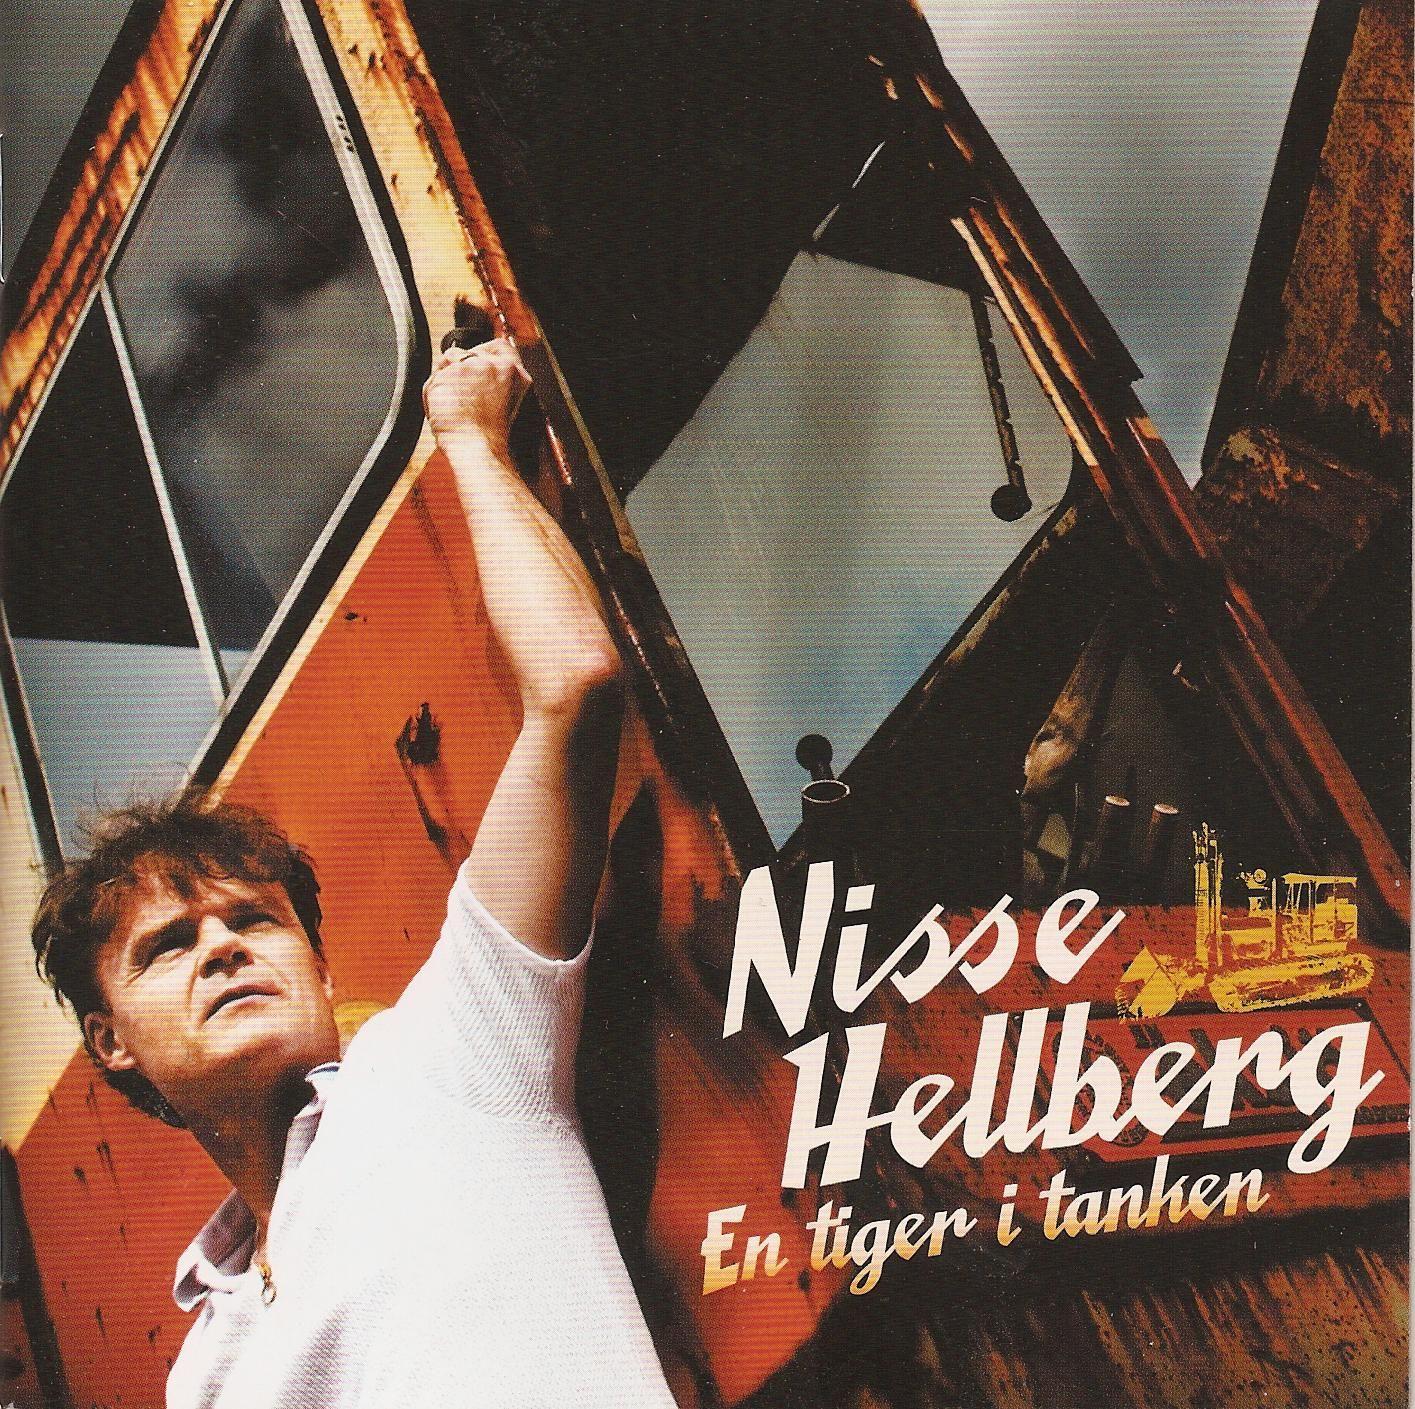 Nisse Hellberg - En Tiger I Tanken album cover